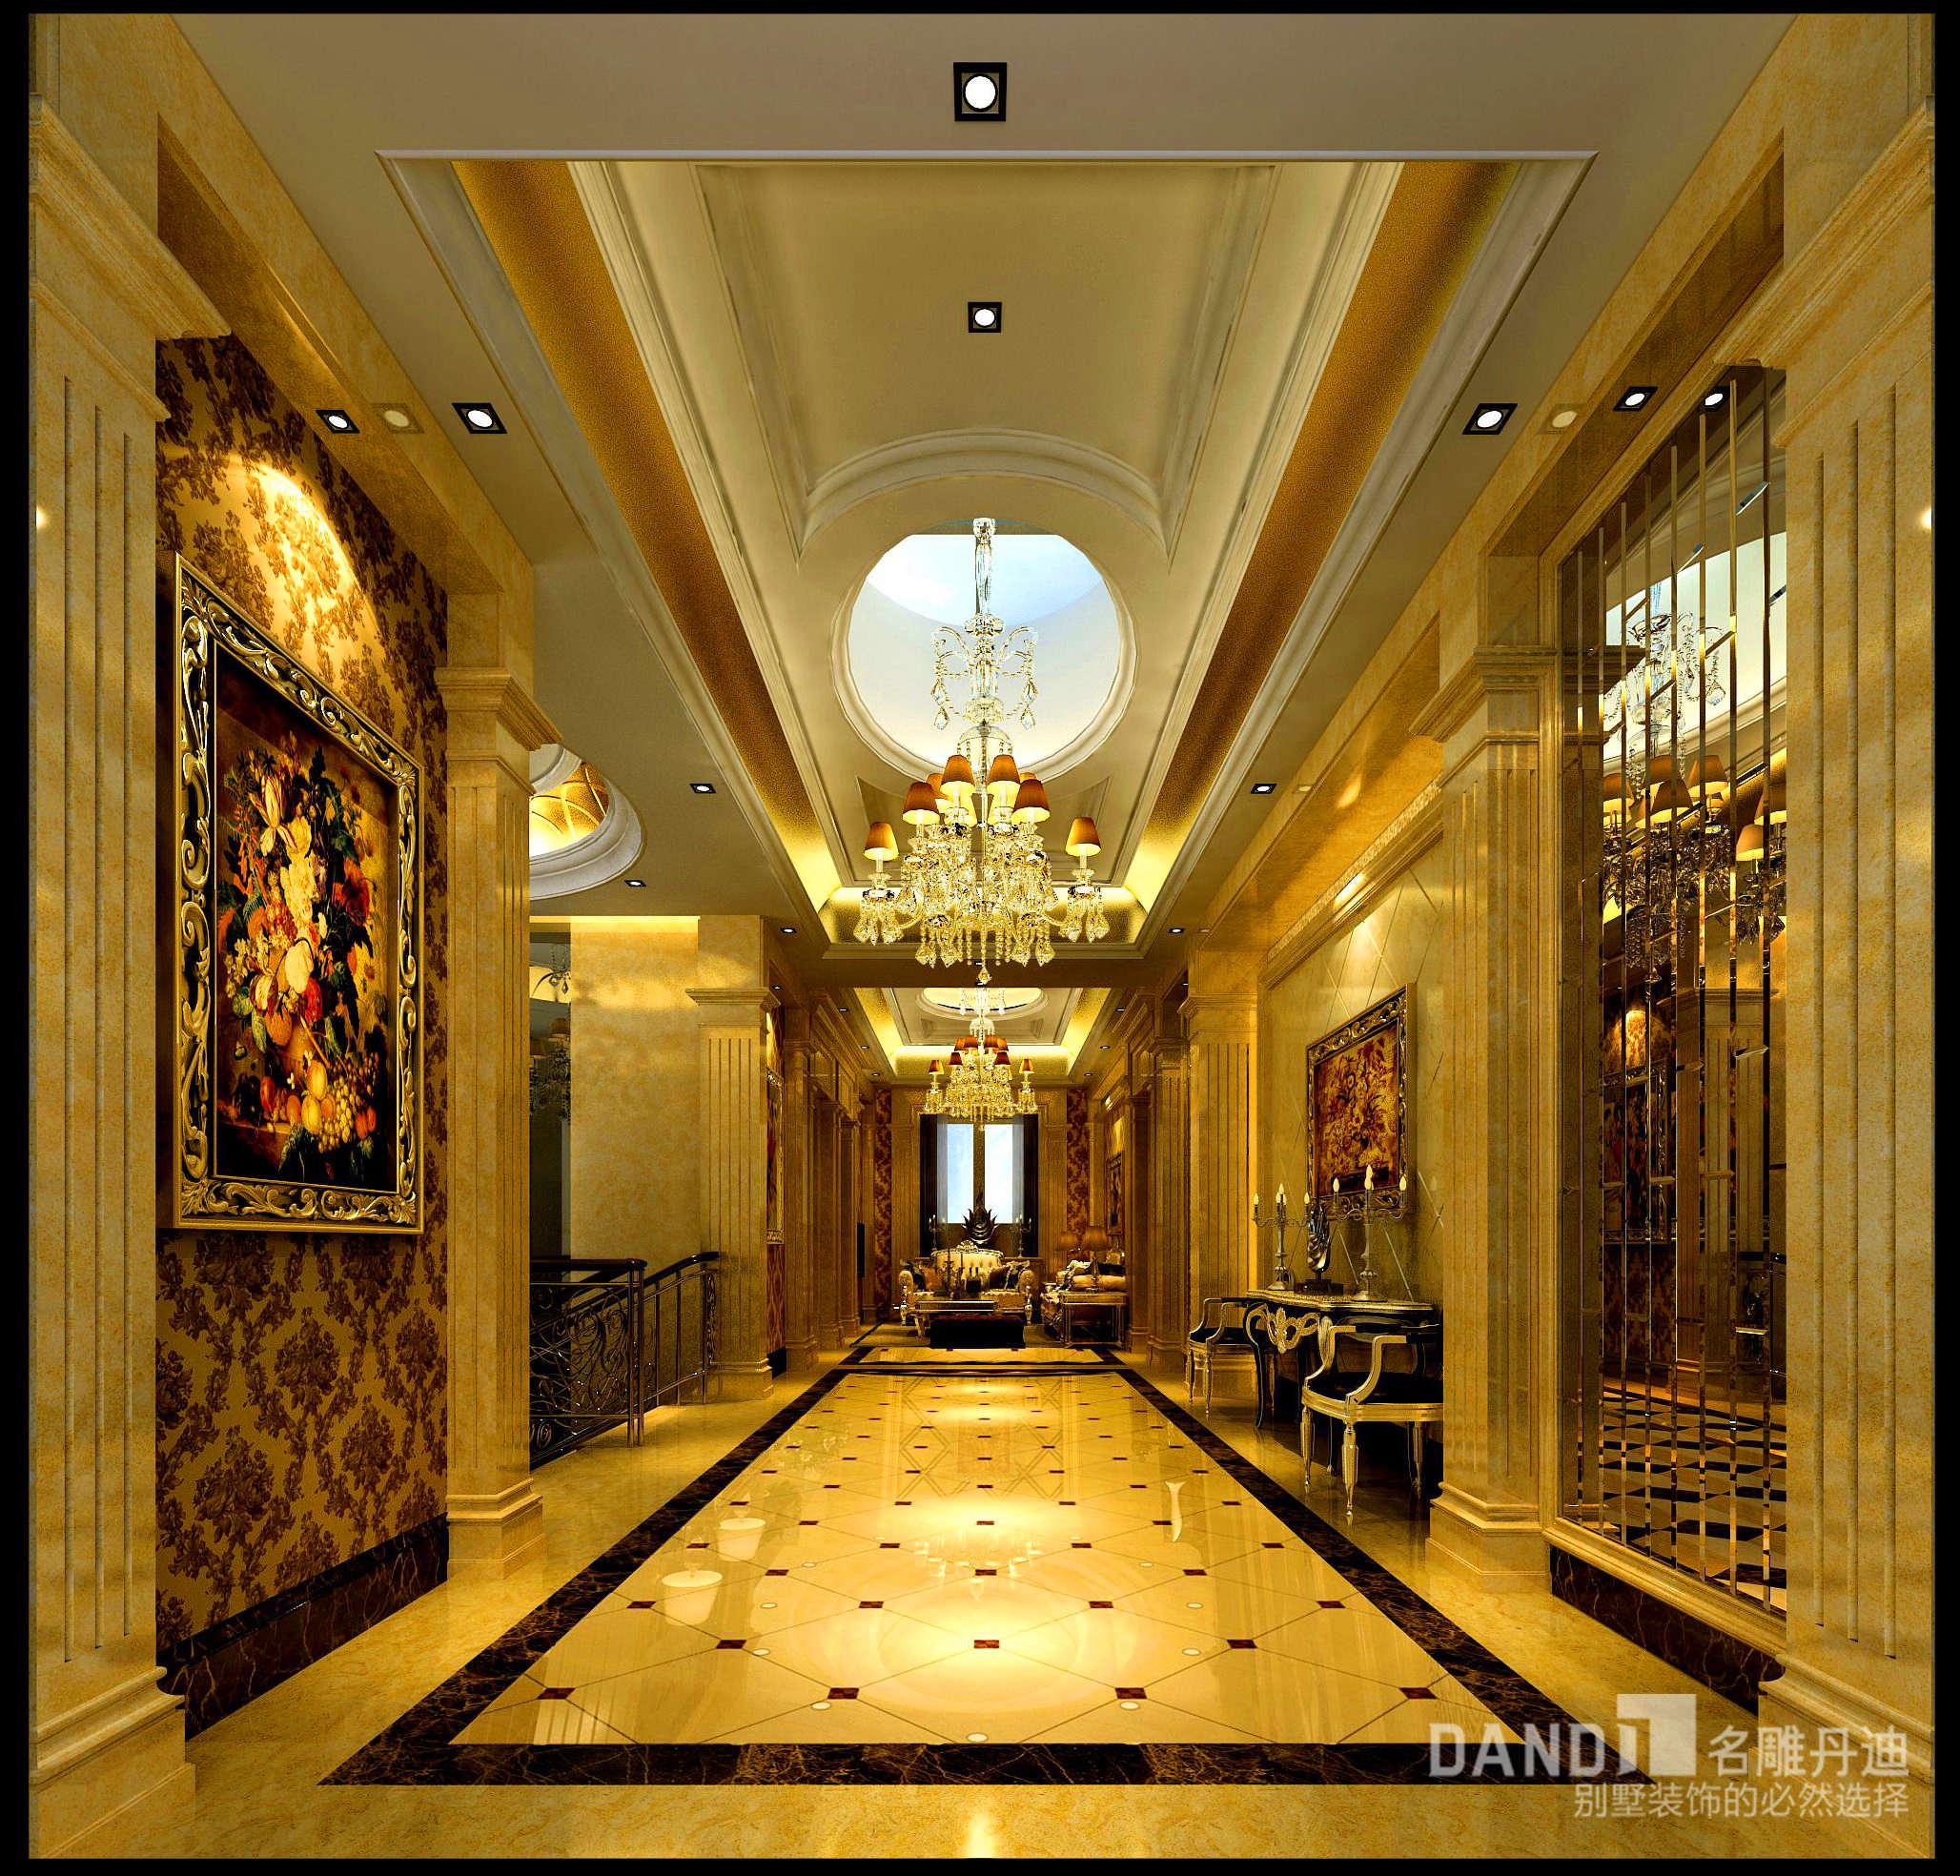 欧式 别墅 高富帅 高档别墅 别墅装修 远洋城别墅 其他图片来自名雕丹迪在远洋城800平奢华高档别墅装饰的分享